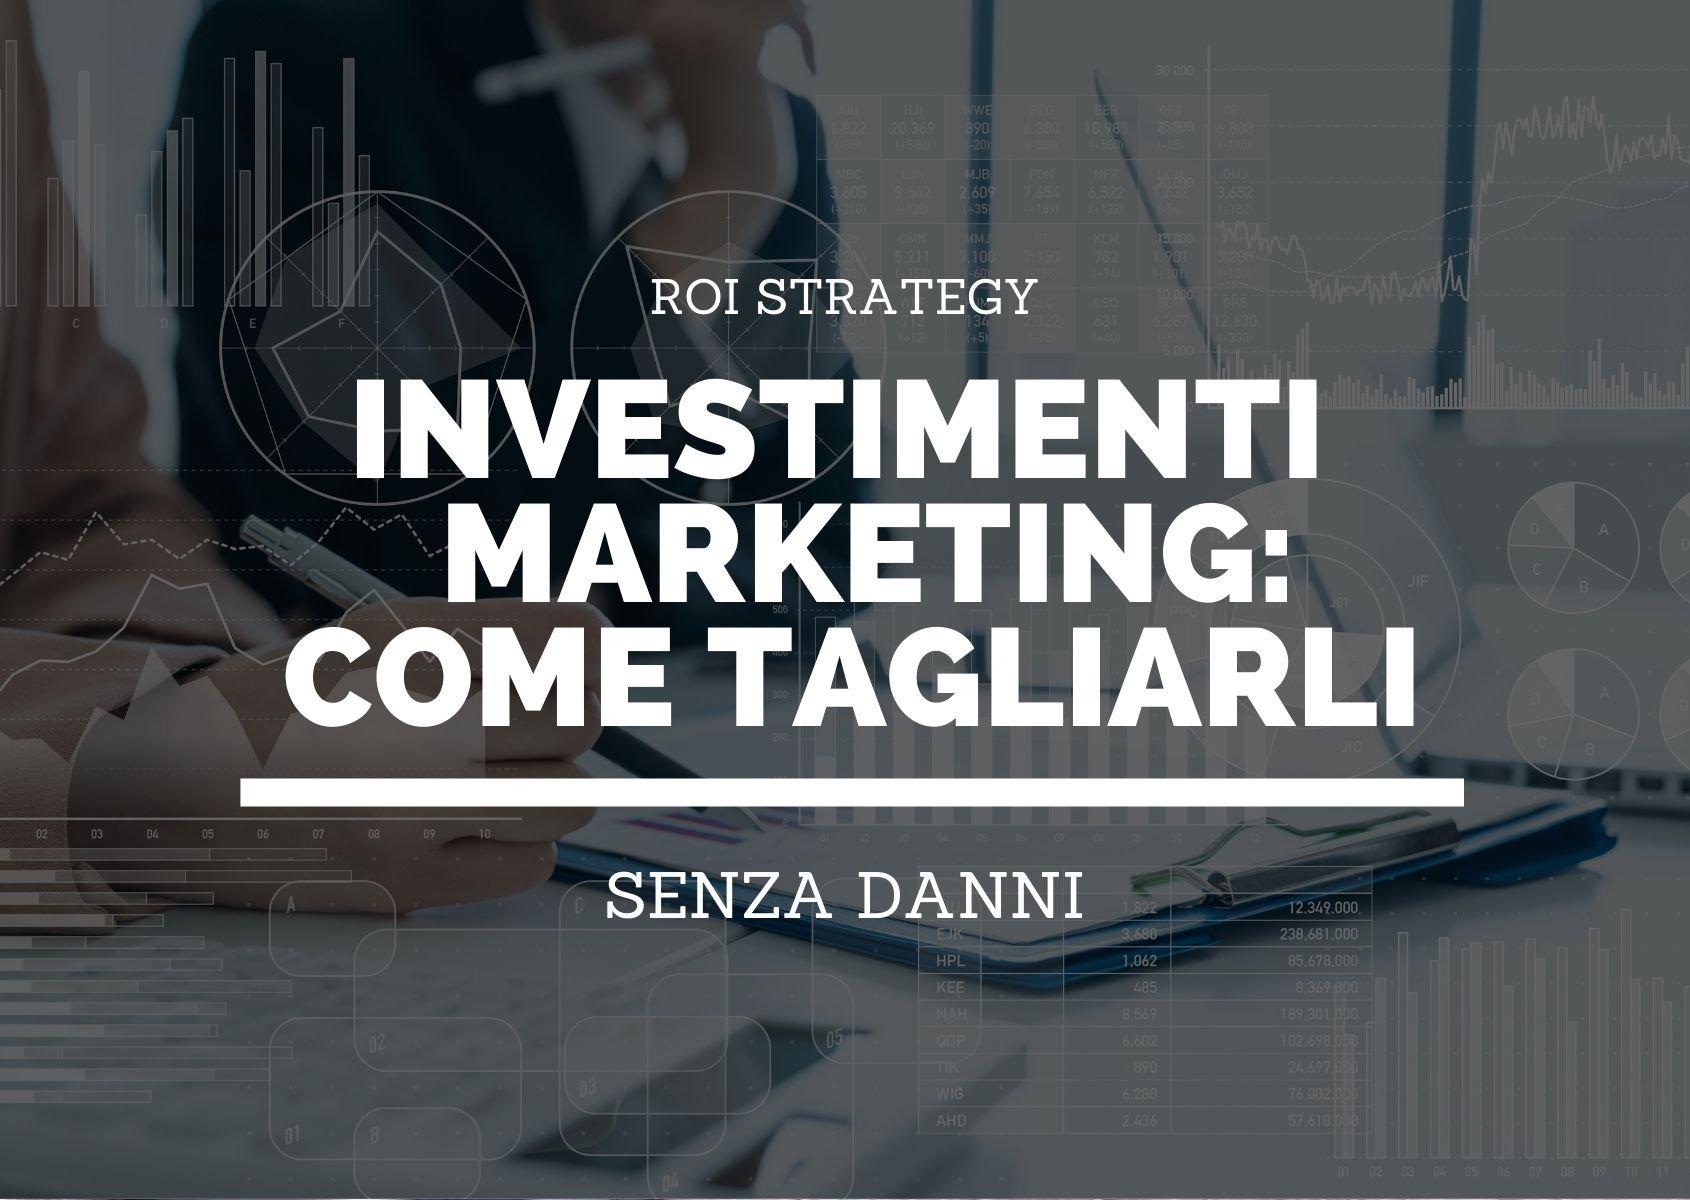 tagliare-investimenti-marketing-senza-danni